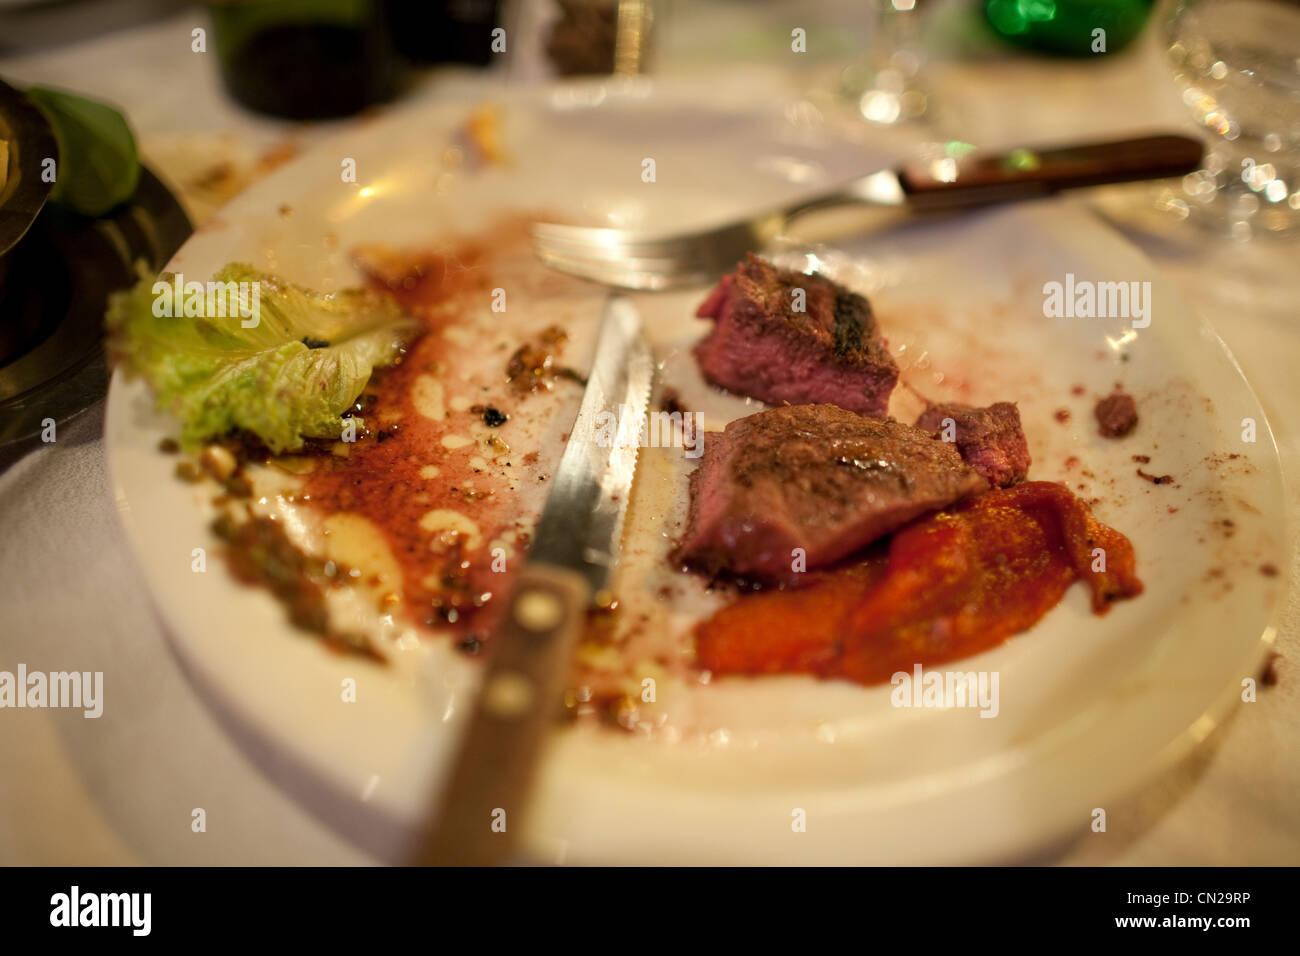 Halb gegessenen Speisen auf Teller Stockbild